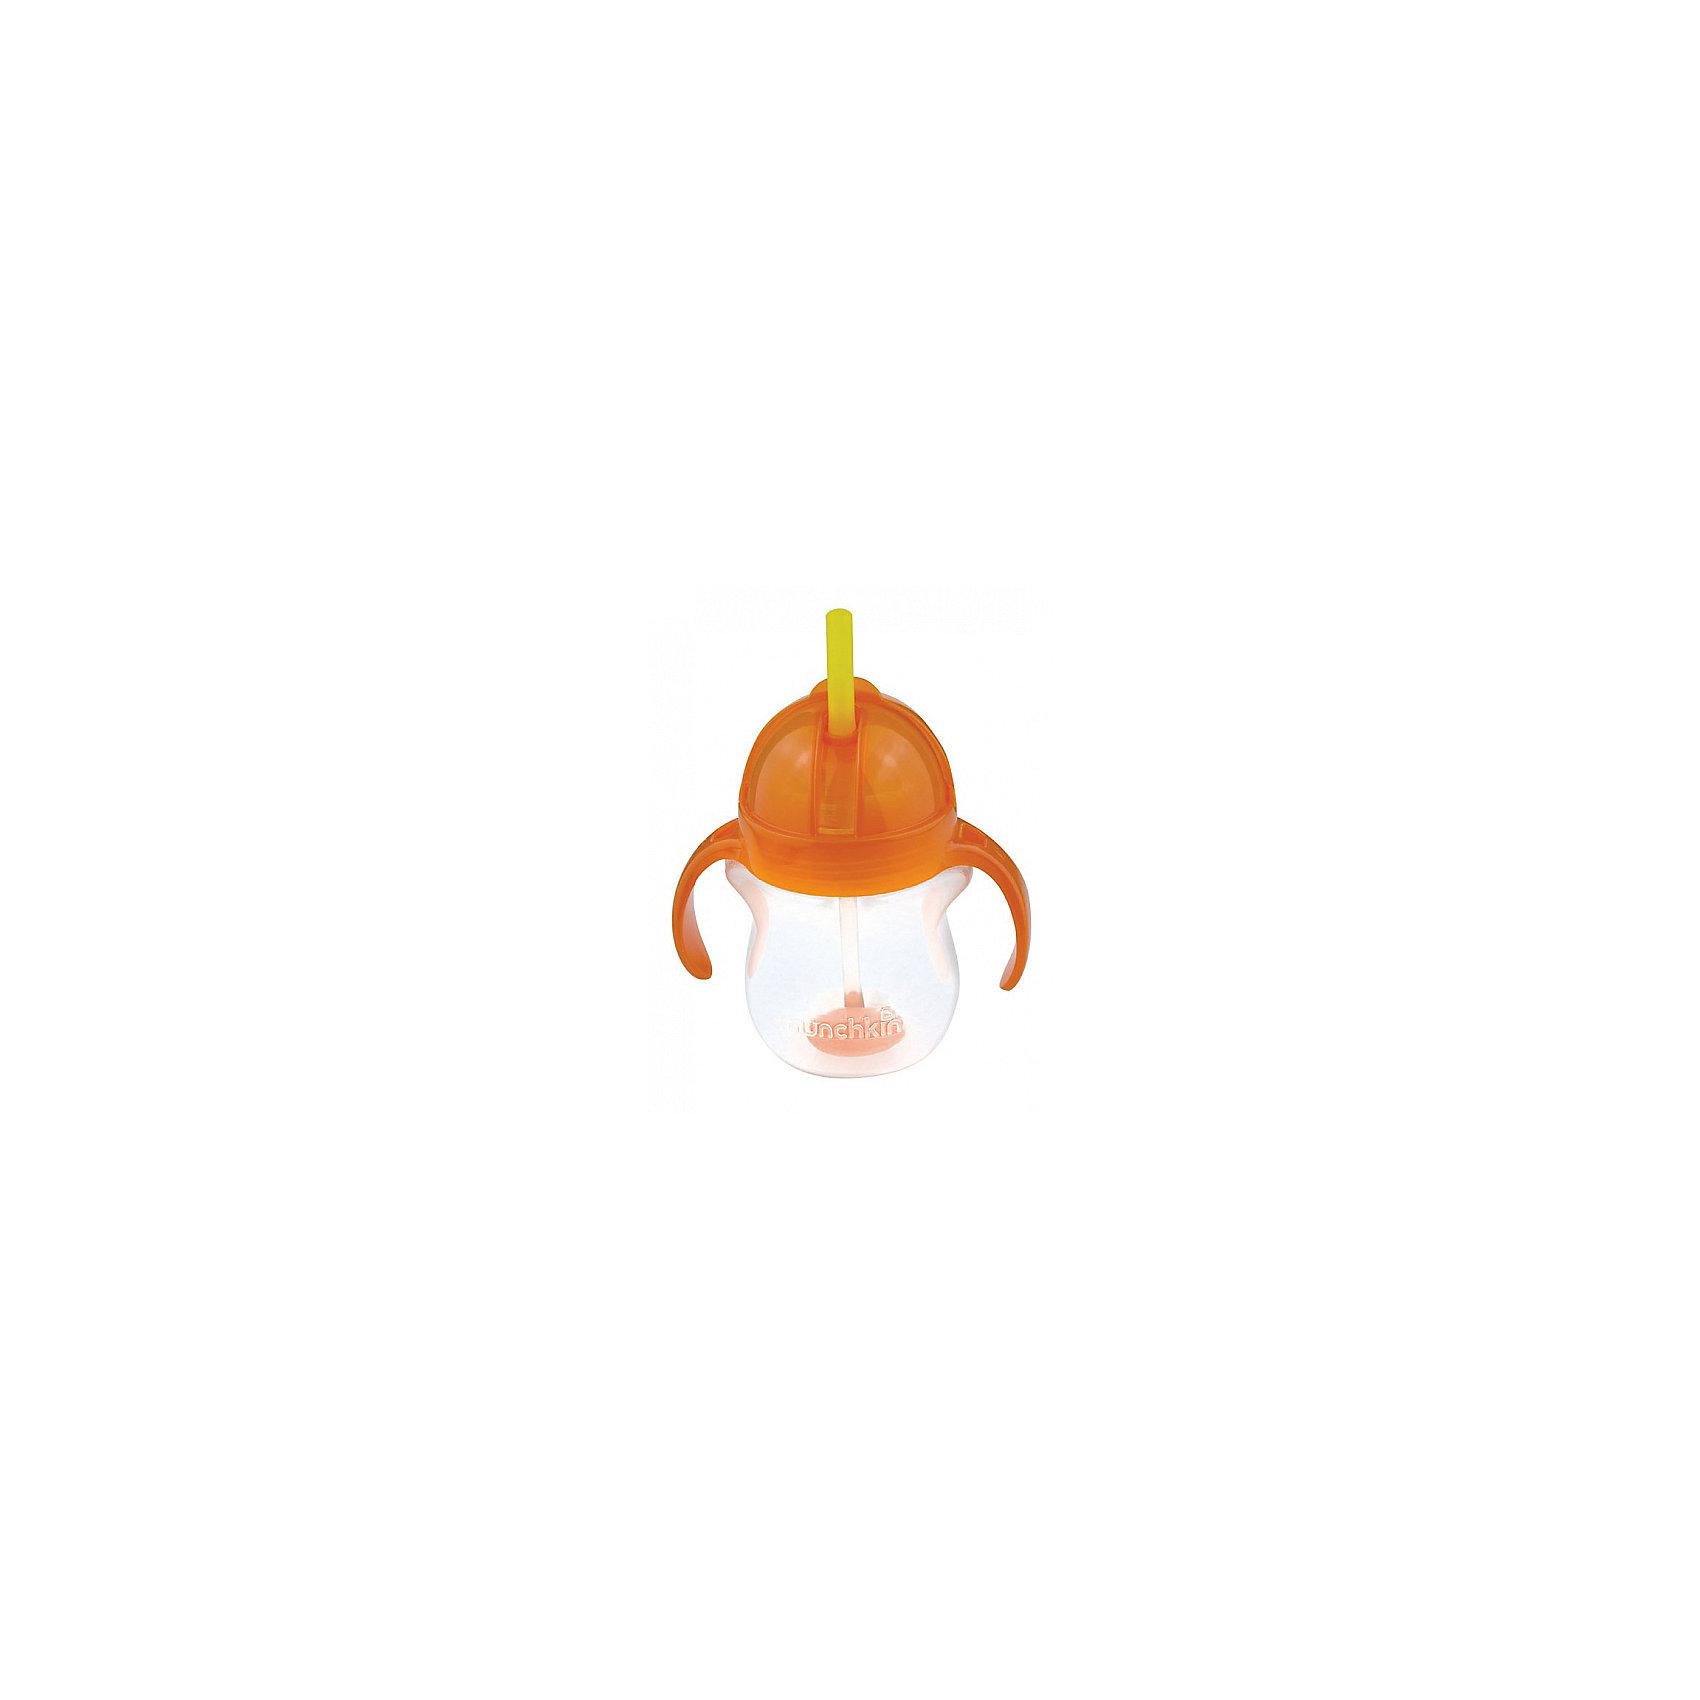 Поильник  Click Lock с трубочкой  и с ручками 207 мл, Munchkin, в ассорт.Поильник  Click Lock с трубочкой  и с ручками 207 мл, Munchkin (Манчкин) – создан для детей, которые учатся пить самостоятельно.<br>Поильник  Click Lock соединяет в себе маленькую мягкую бутылочку с ручками и возможность пить из соломинки. Поильник идеально подходит для перехода от детской бутылочки к поильнику-непроливайке. Мягкая широкая трубочка не поранит десна и язык малыша и поможет ему научиться пить совершенно самостоятельно во время прогулок. Трубочка позволяет пить из поильника под любым углом. Ручки эргономичной формы легко и удобно держать маленькими руками. Крышечка Flip top надежно закрывает трубочку. Крышка и клапан Click Lock обеспечивает 100% герметичность.<br><br>Дополнительная информация:<br><br>- В комплекте: 1 поильник<br>- Цвет в ассортименте<br>- Материал: пластик<br>- Не содержит Бисфенол А<br>- Объем: 207 мл.<br>- Можно мыть на верхней полке посудомоечной машины<br>- Размер упаковки: 9 х 24х 11 см.<br>- ВНИМАНИЕ! Данный товар представлен в ассортименте. К сожалению, предварительный выбор невозможен. При заказе нескольких единиц данного товара, возможно получение одинаковых<br><br>Поильник  Click Lock с трубочкой  и с ручками 207 мл, Munchkin (Манчкин) можно купить в нашем интернет-магазине.<br><br>Ширина мм: 90<br>Глубина мм: 240<br>Высота мм: 110<br>Вес г: 150<br>Возраст от месяцев: 6<br>Возраст до месяцев: 36<br>Пол: Унисекс<br>Возраст: Детский<br>SKU: 4142403